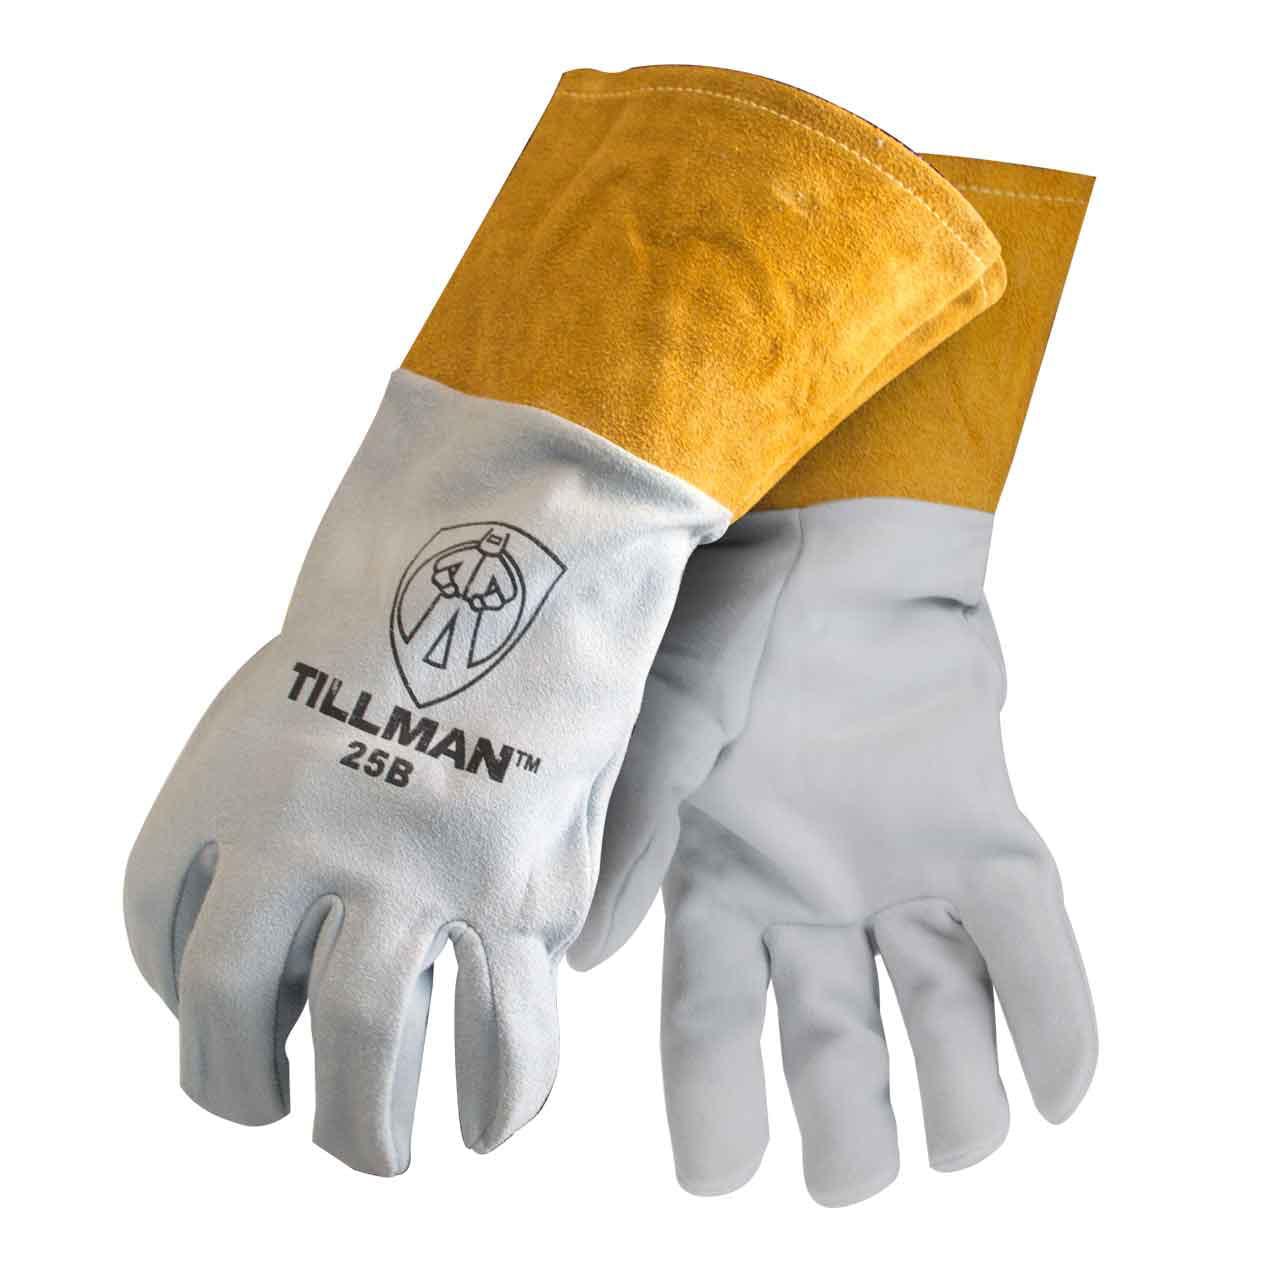 """Tillman 25B Deerskin Split Leather 4"""" Cuff TIG Welding Gloves, X-Large"""